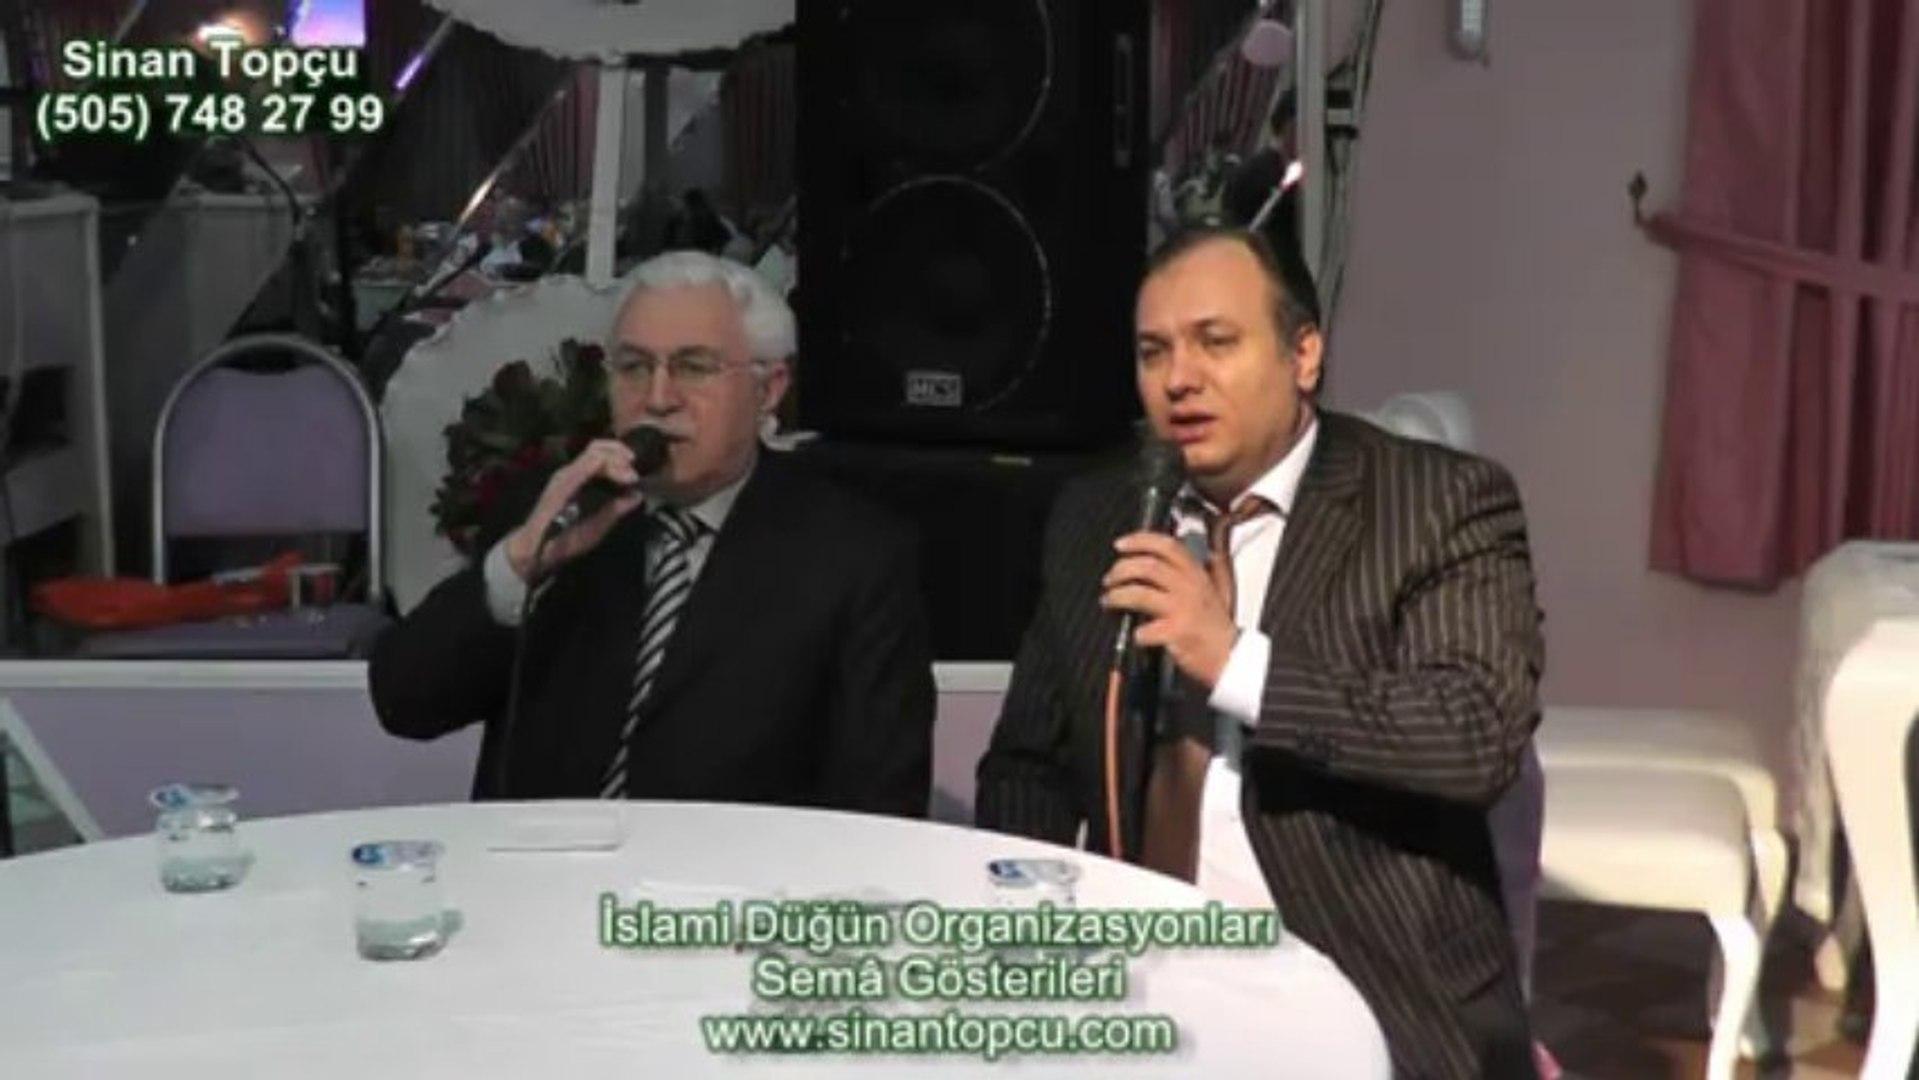 sünnet mevlüdünde neler yapılır, islami düğün organizasyonu, islami düğüler